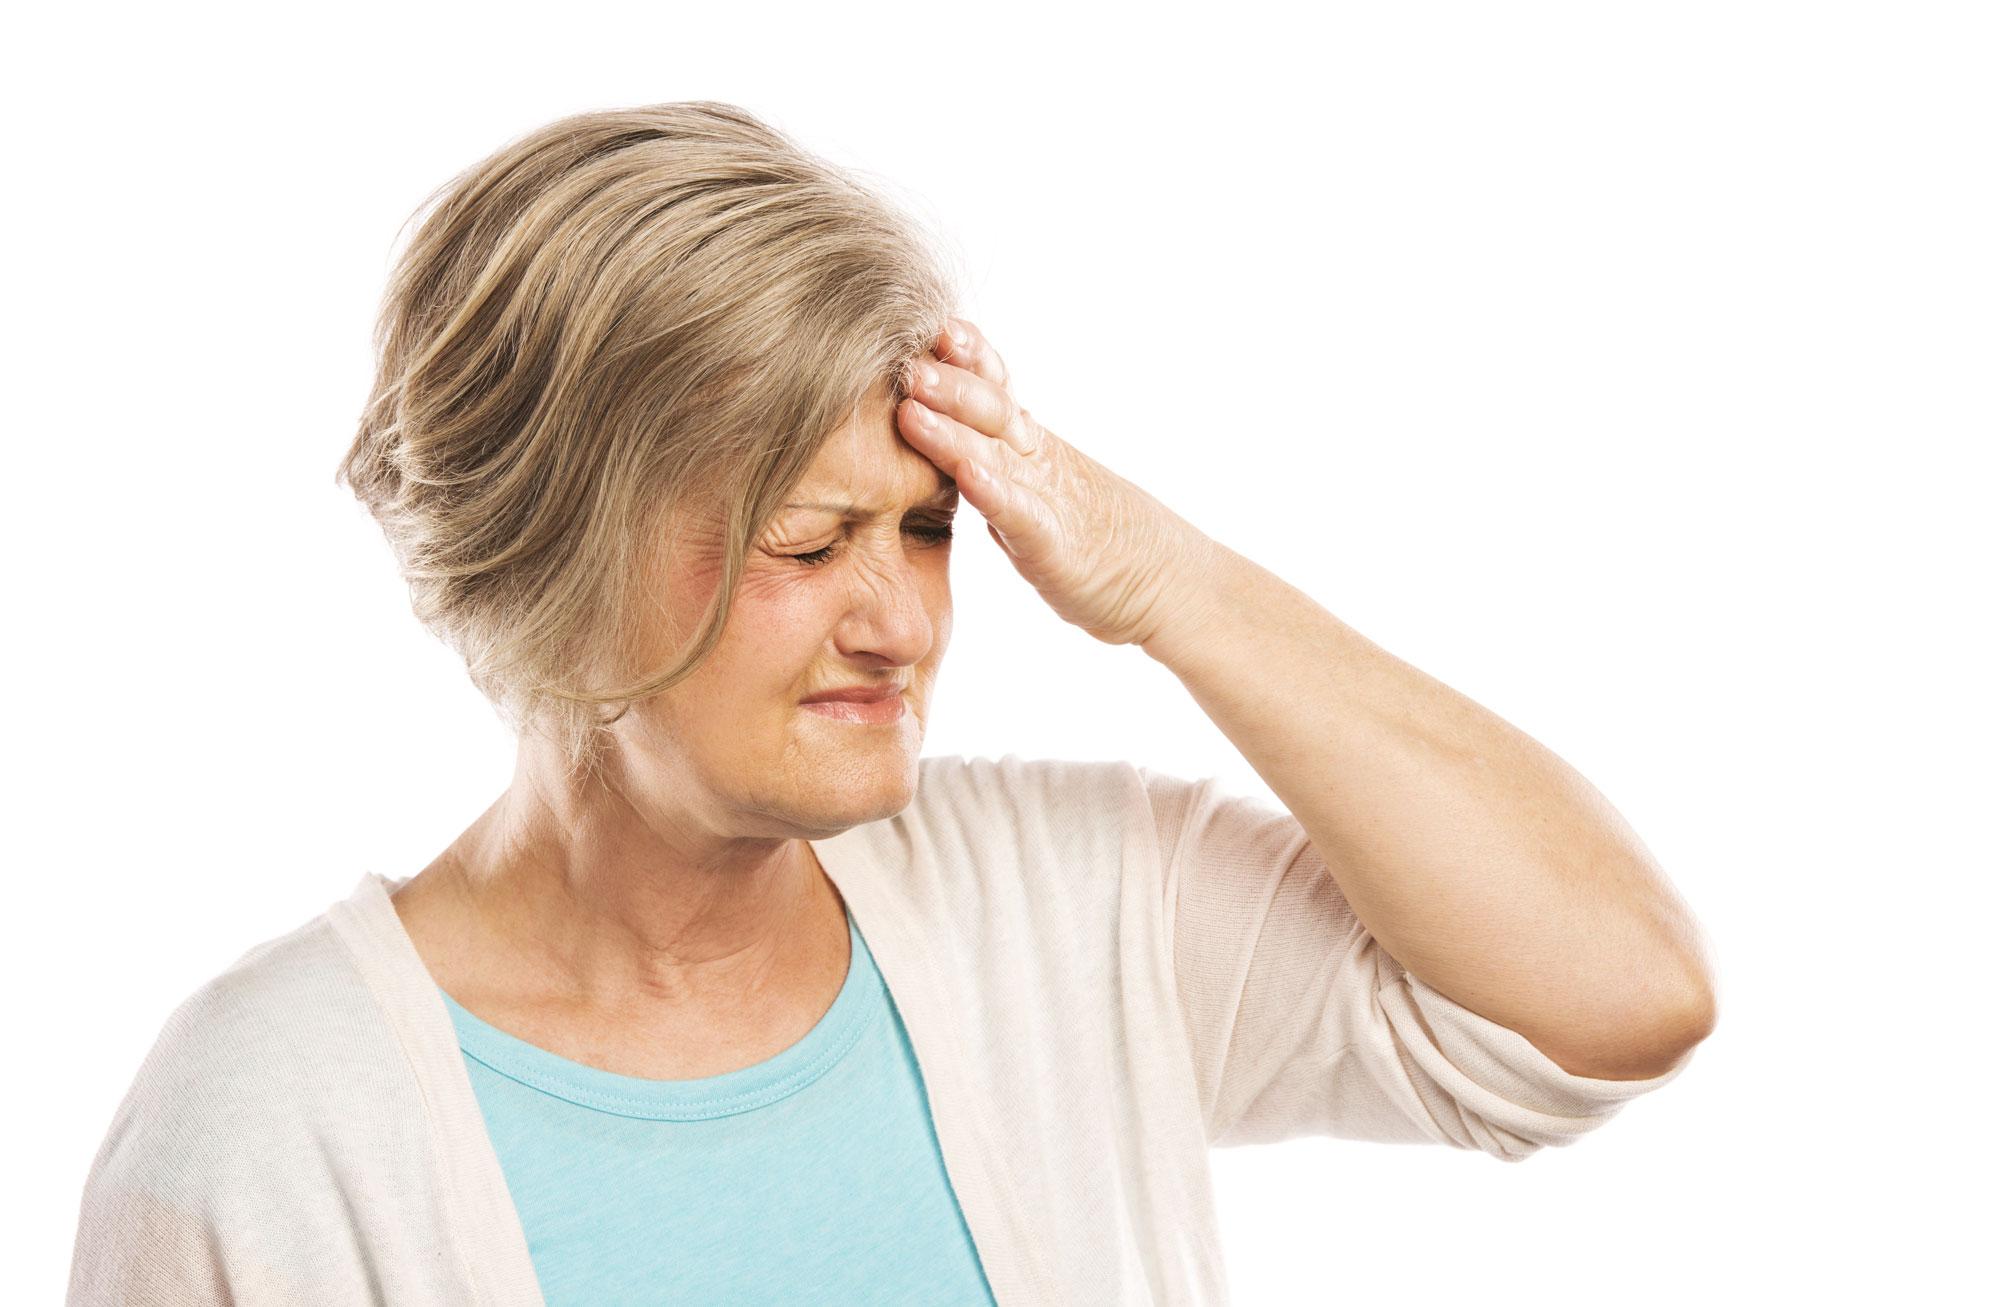 Dəstəşəkilli baş ağrısı